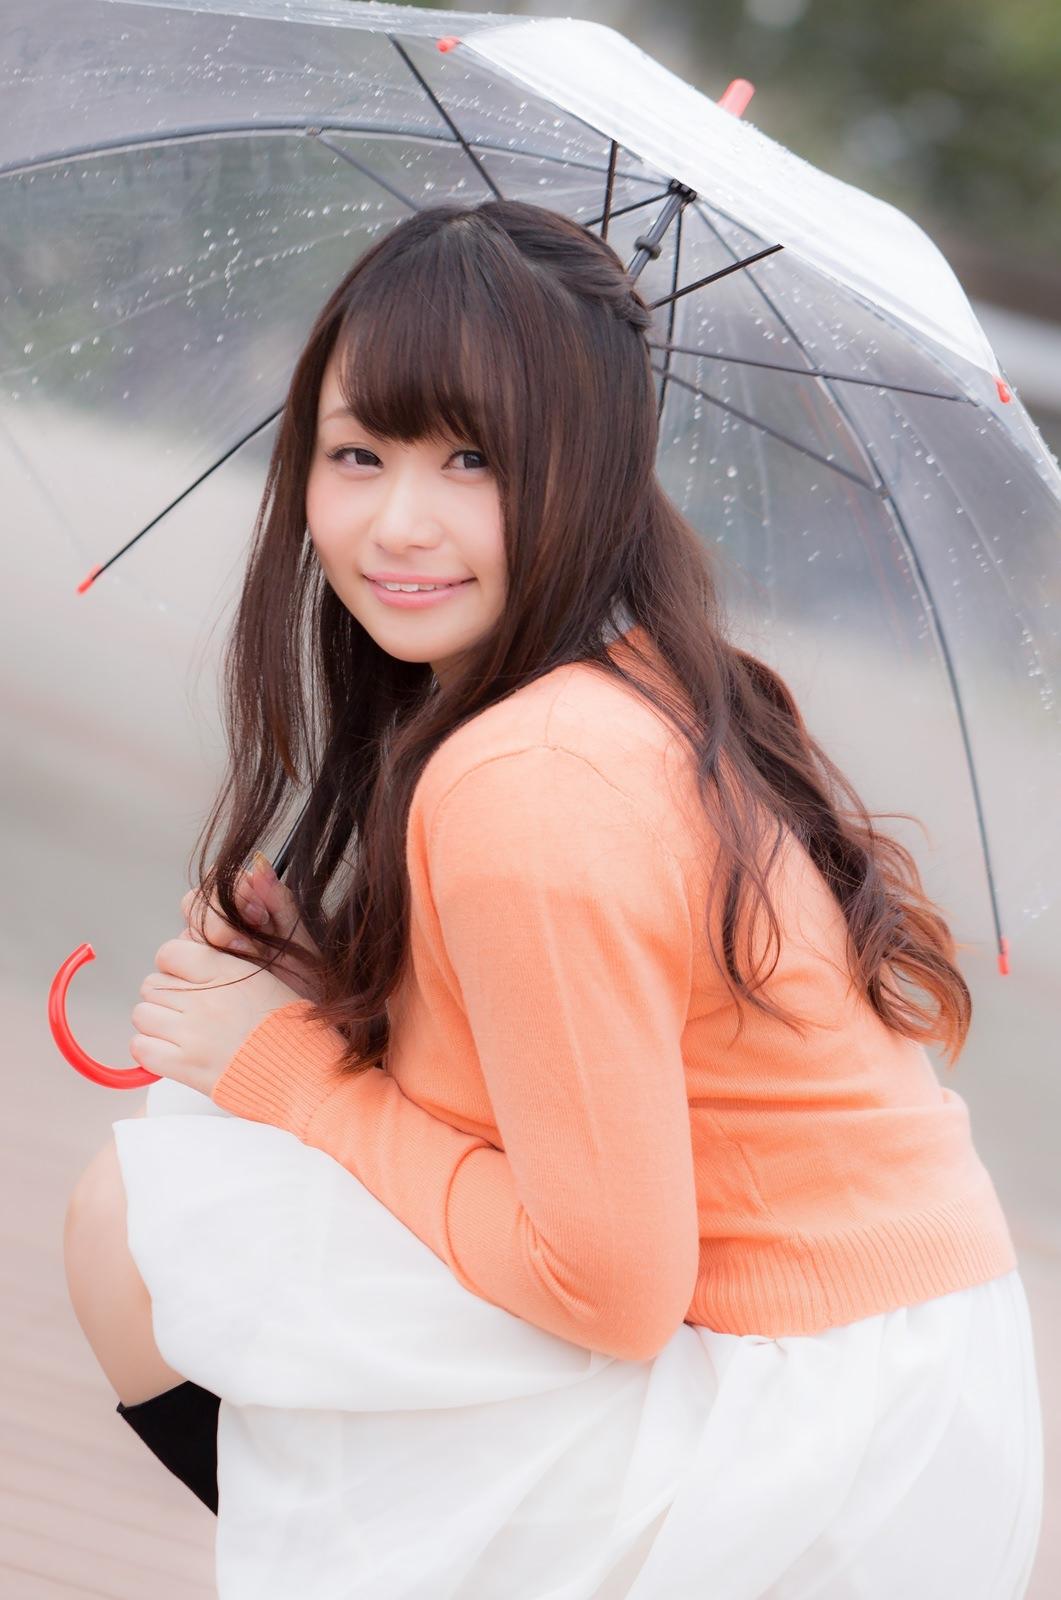 傘をさす笑顔の美女画像傘をさす笑顔の美女画像 [モデル:茜さや]